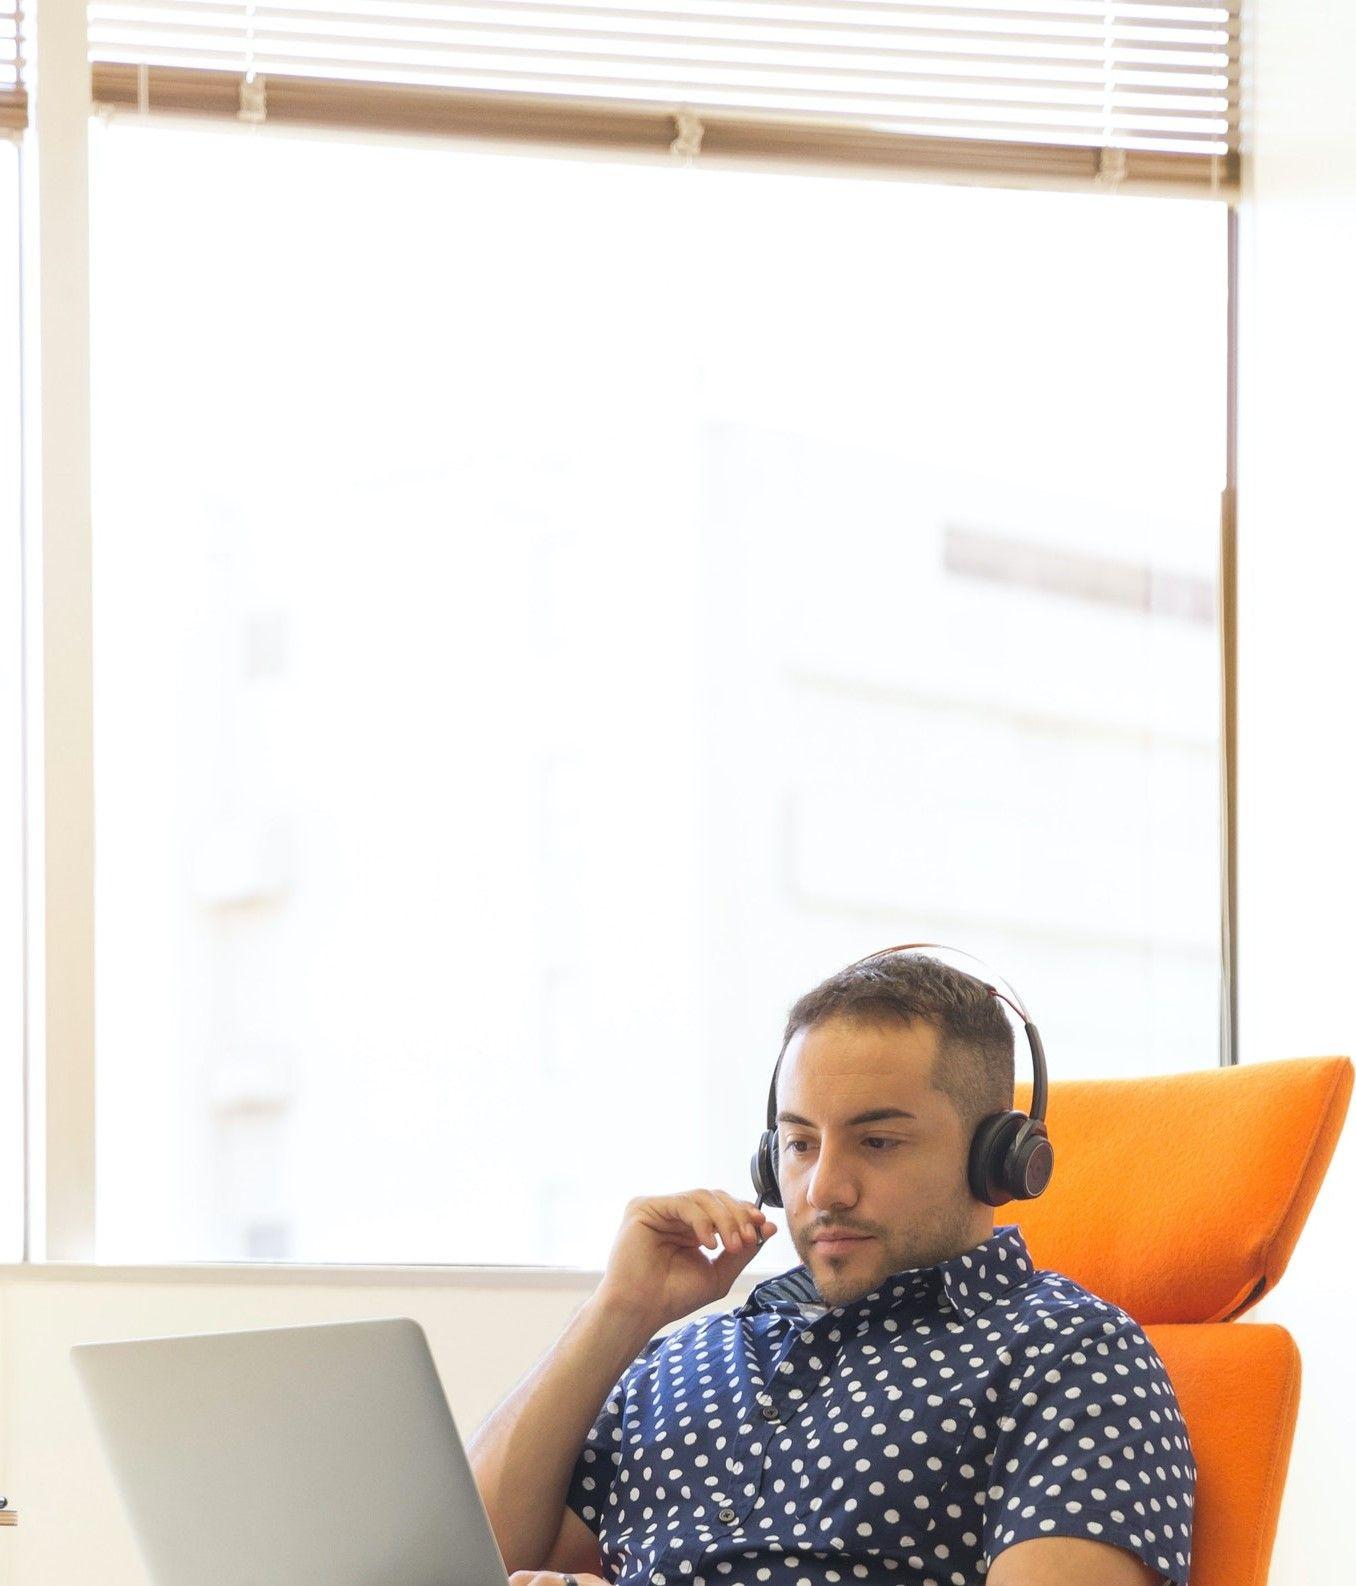 На фото изображен мужчина в комнате общающийся через ноутбук